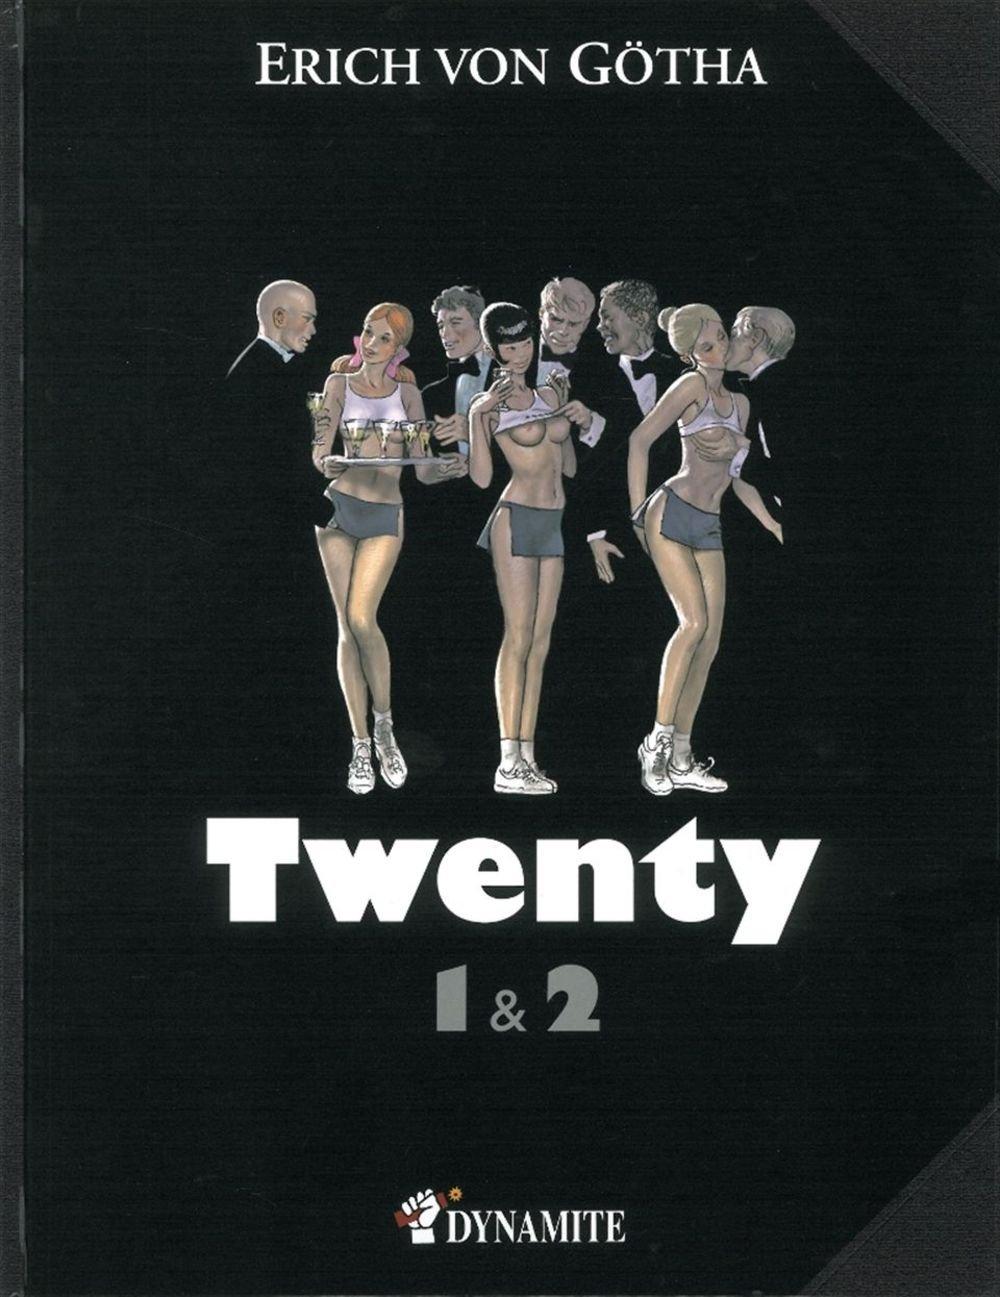 Twenty, Tomes 1 et 2 : Album – 25 octobre 2011 Erich von Götha Bernard Joubert Editions Dynamite 2915101663